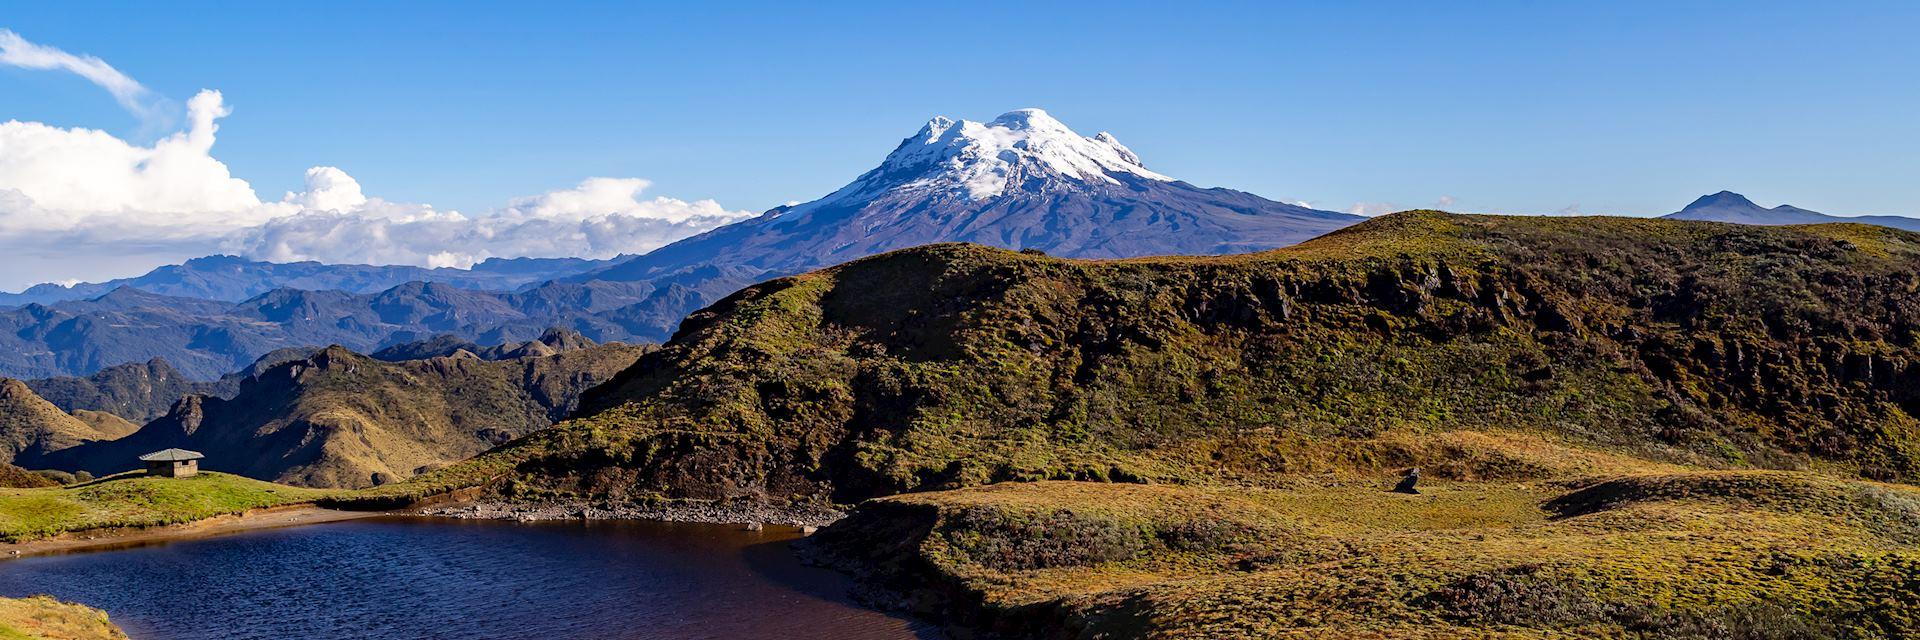 Antisana Volcano, Papallacta